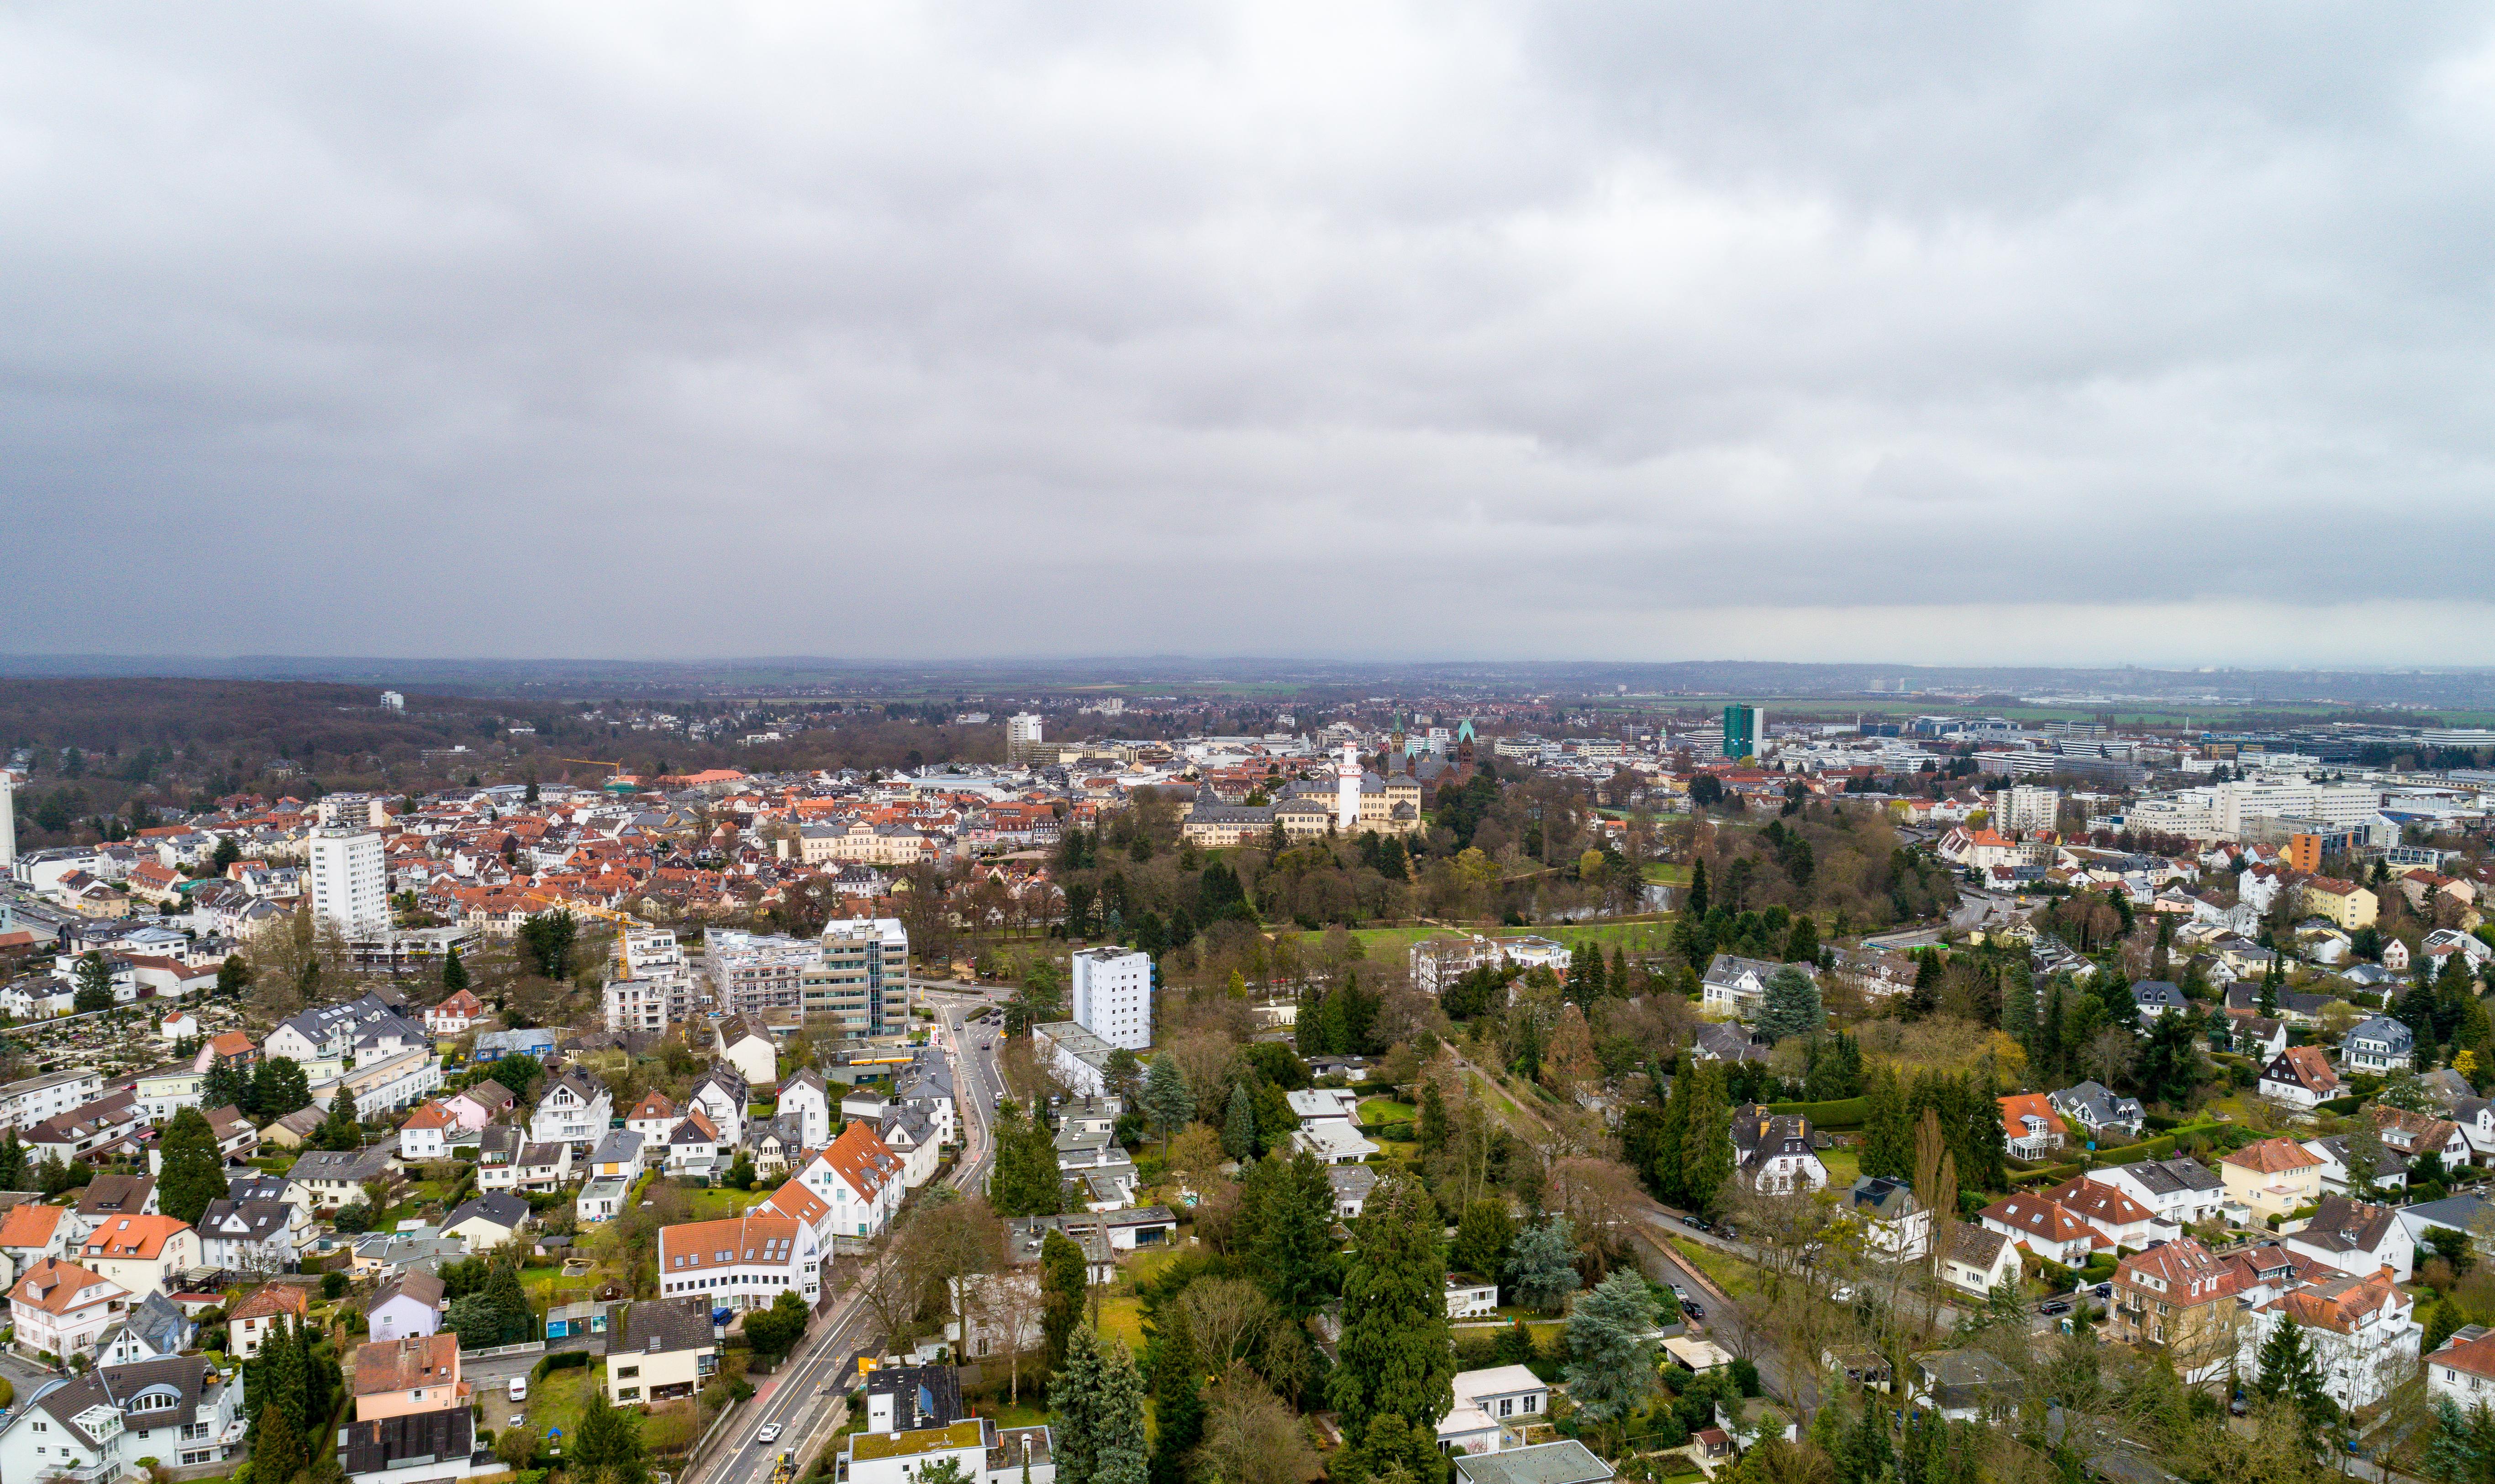 Homburg vor der Höhe Bad Homburg Skulpturenallee Schloß Bad Homburg Merian 0031